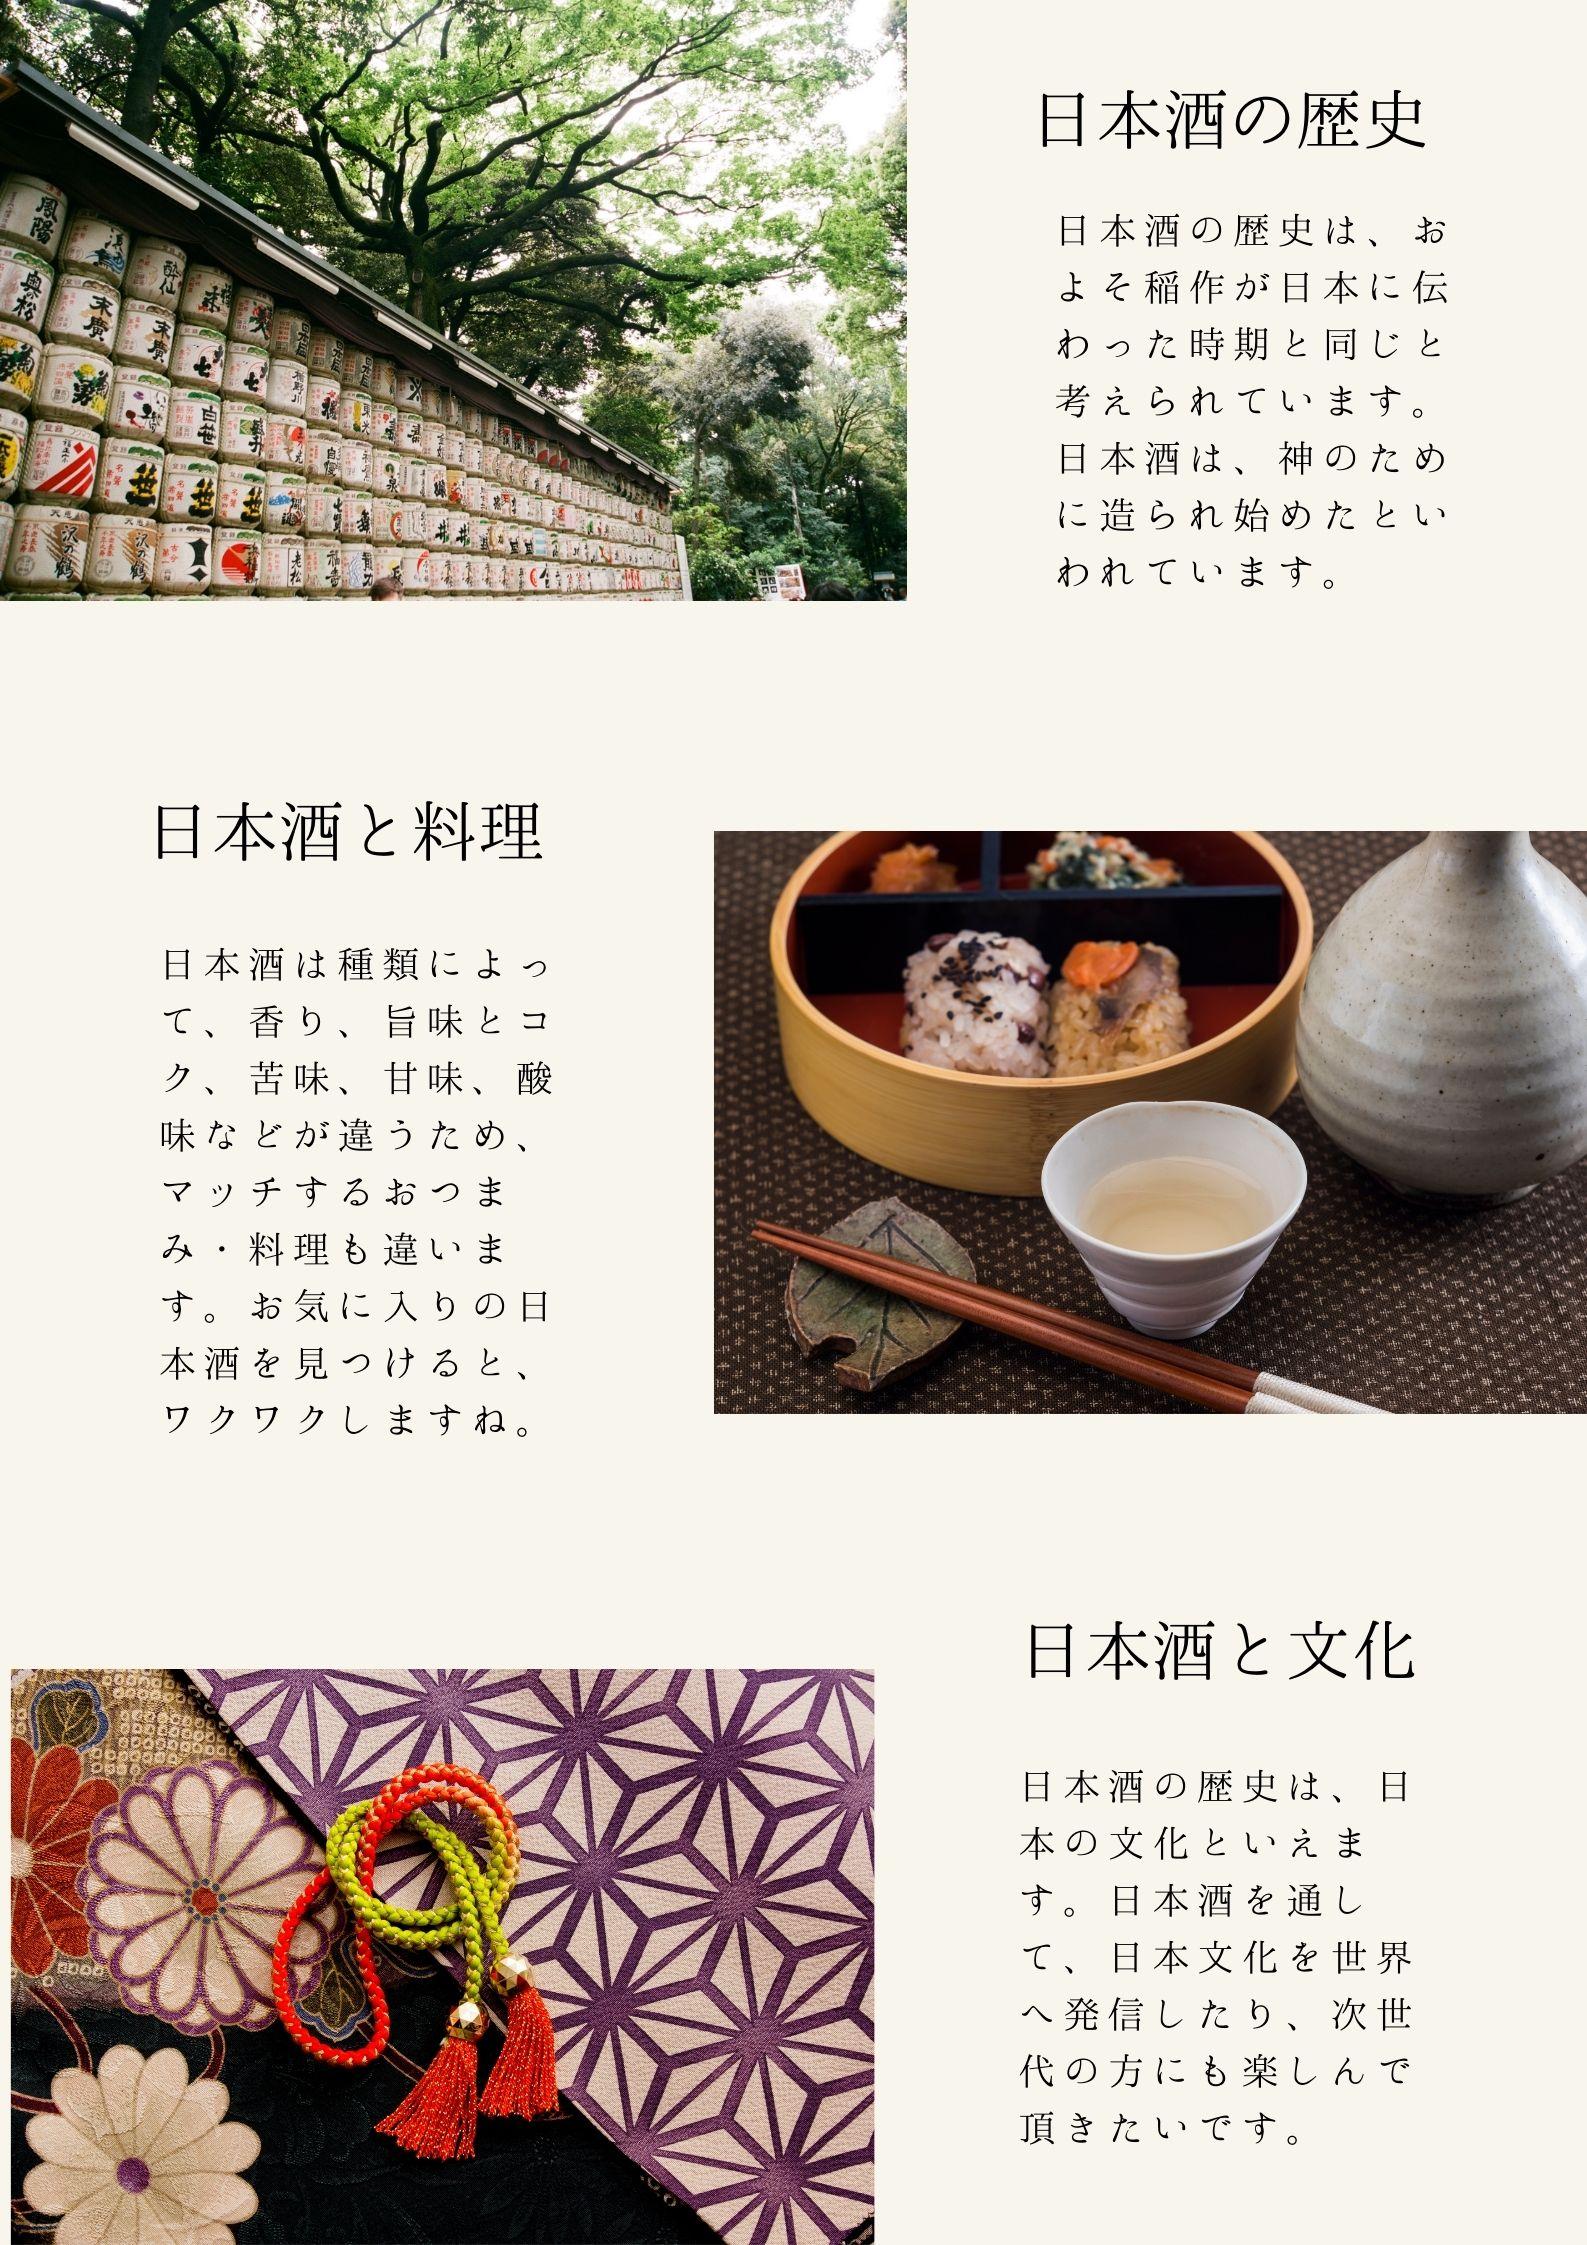 日本酒文化応援サイト JAPANESE  SAKE 倶楽部 日本酒の歴史は日本の歴史